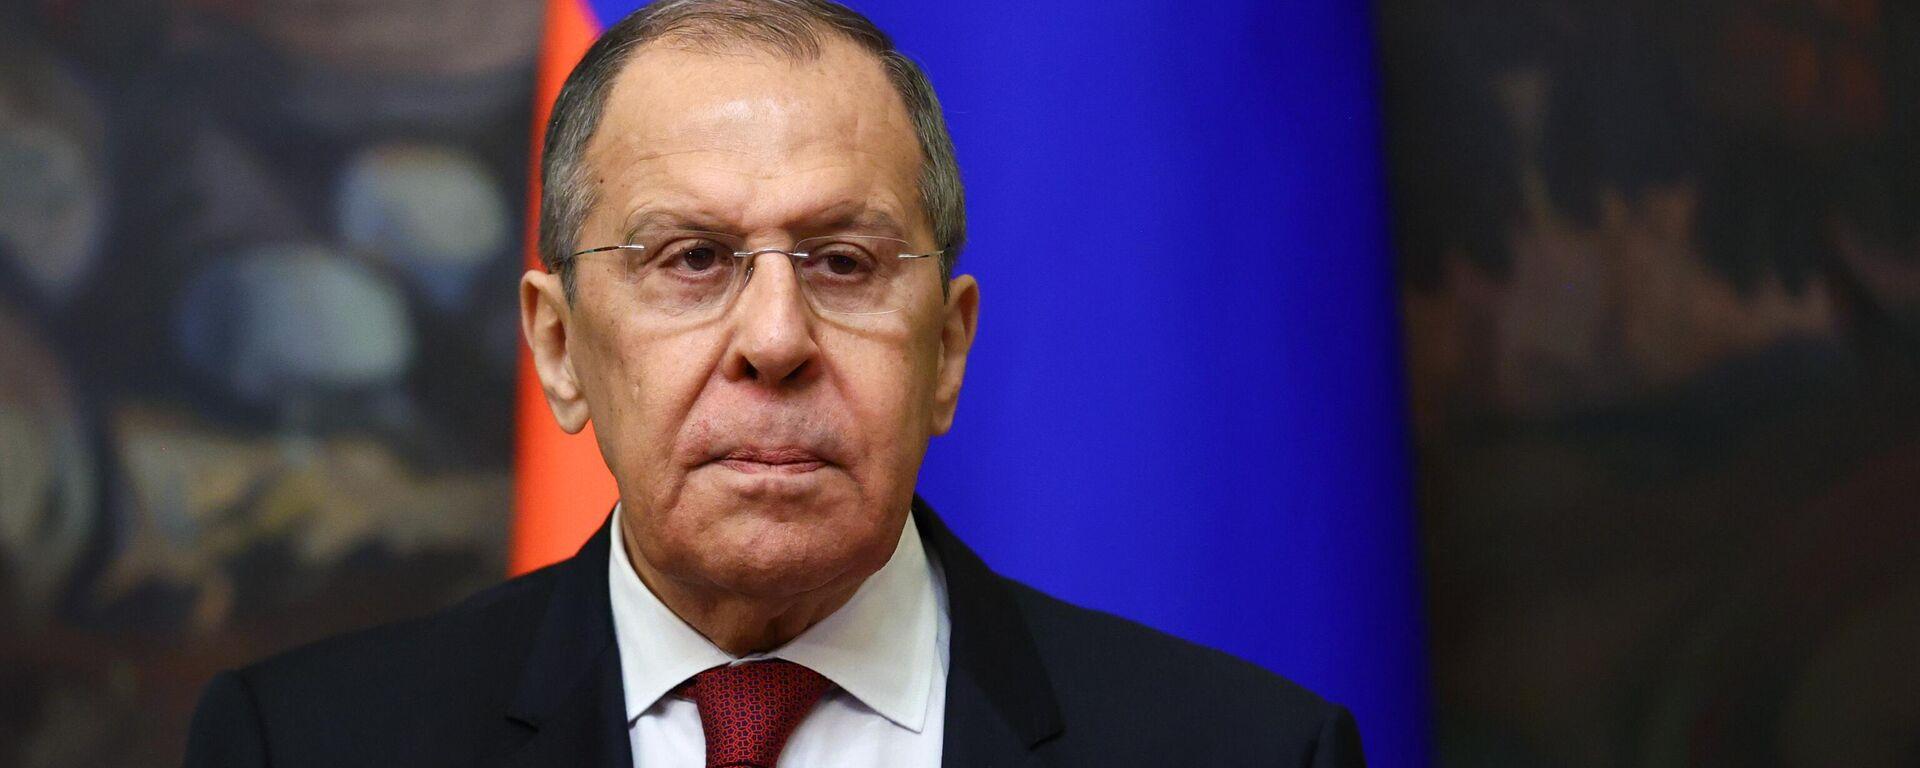 Serguéi Lavrov, ministro de Exteriores de Rusia - Sputnik Mundo, 1920, 22.06.2021